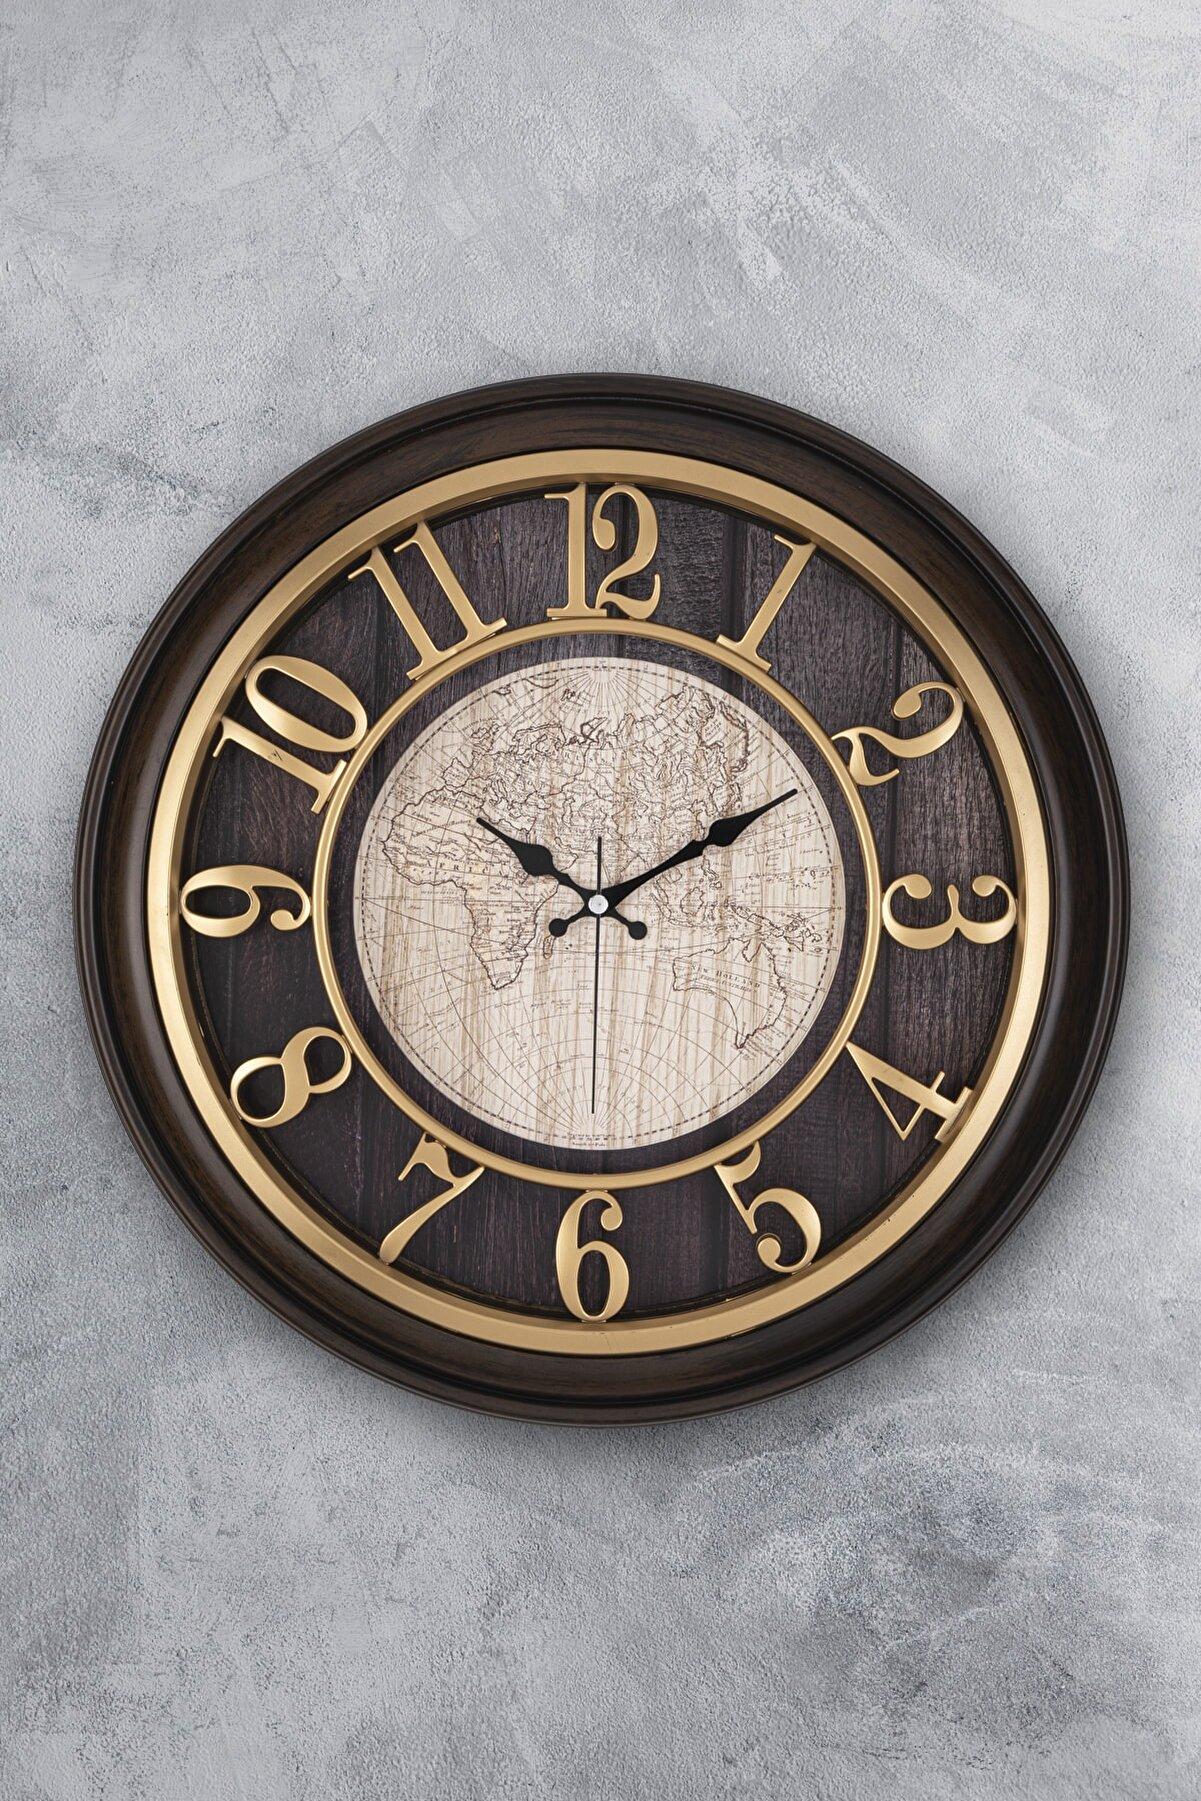 EMORES Akar Saniye Sessiz Mekanizma Dekoratif Duvar Saati 46 Cm